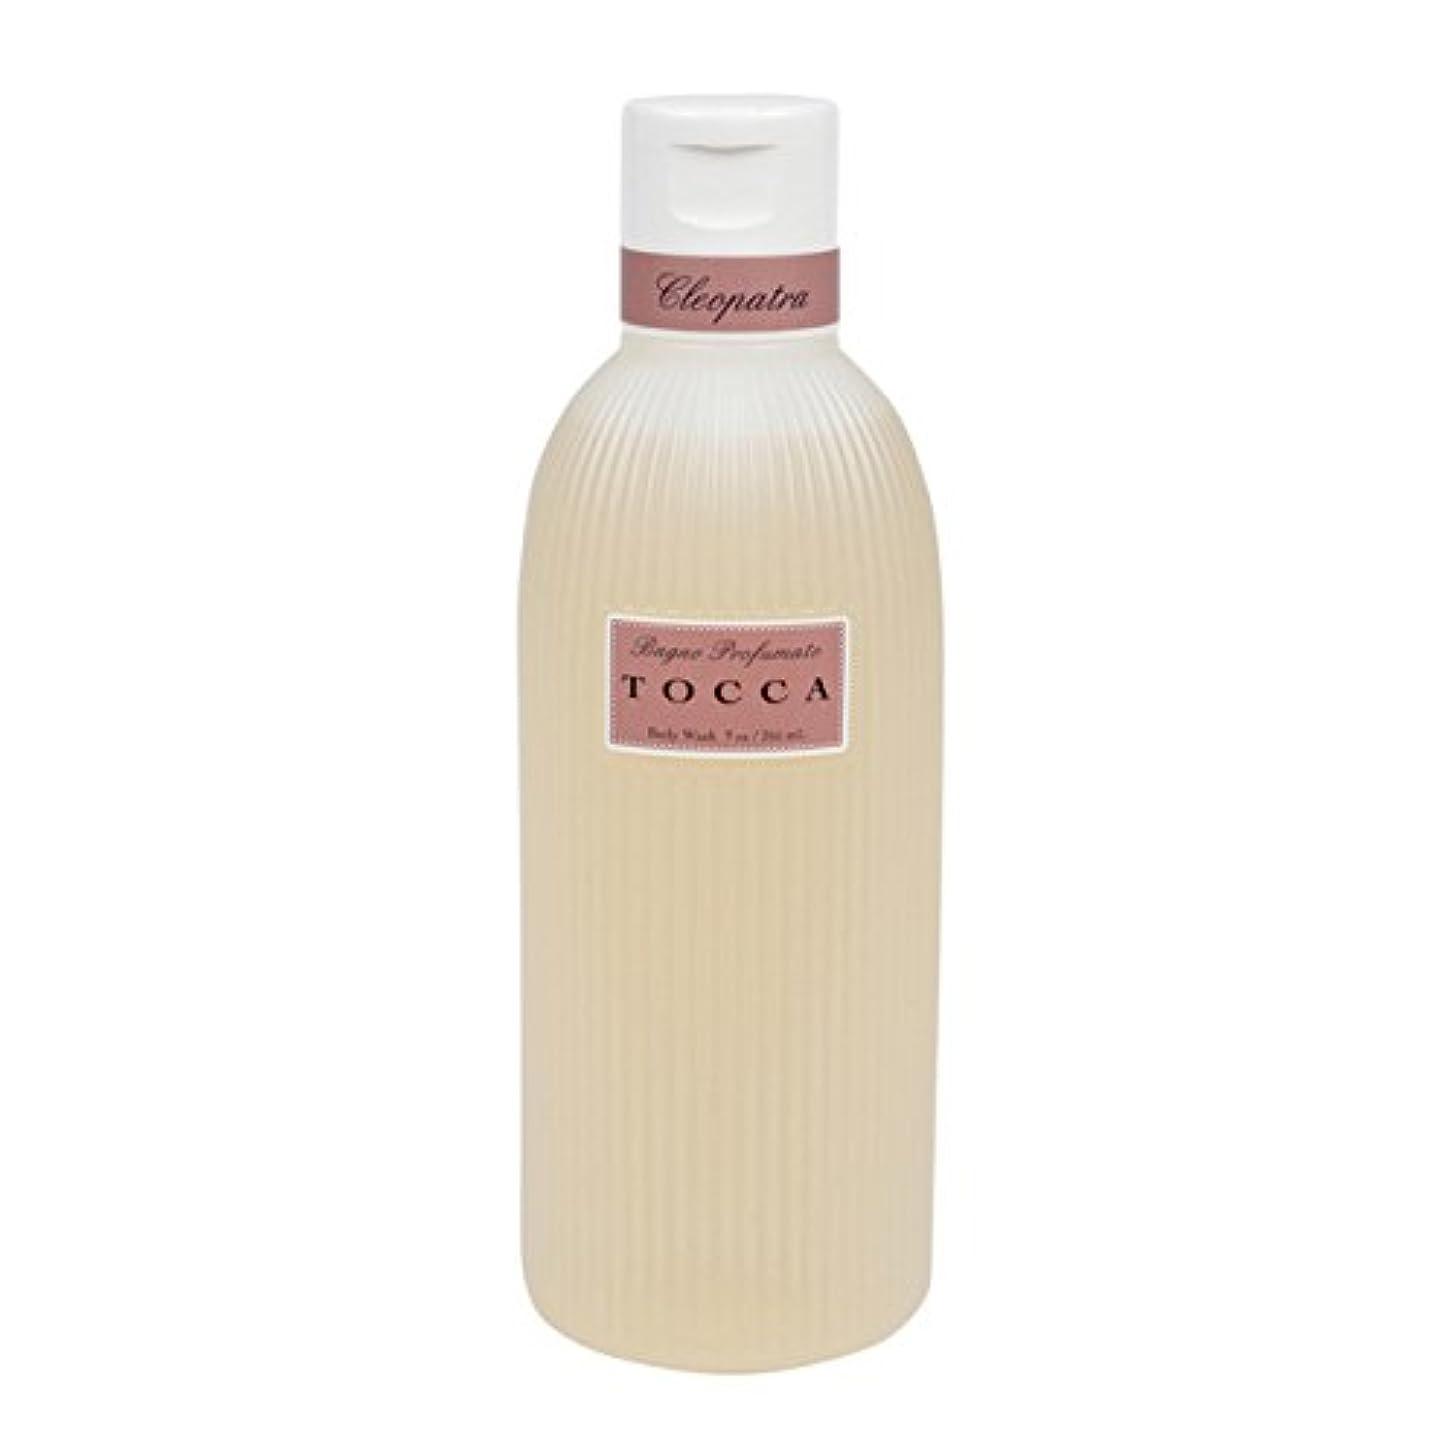 ヒール制限された締めるトッカ(TOCCA) ボディーケアウォッシュ クレオパトラの香り 266ml(全身用洗浄料 ボディーソープ グレープフルーツとキューカンバーのフレッシュでクリーンな香り)